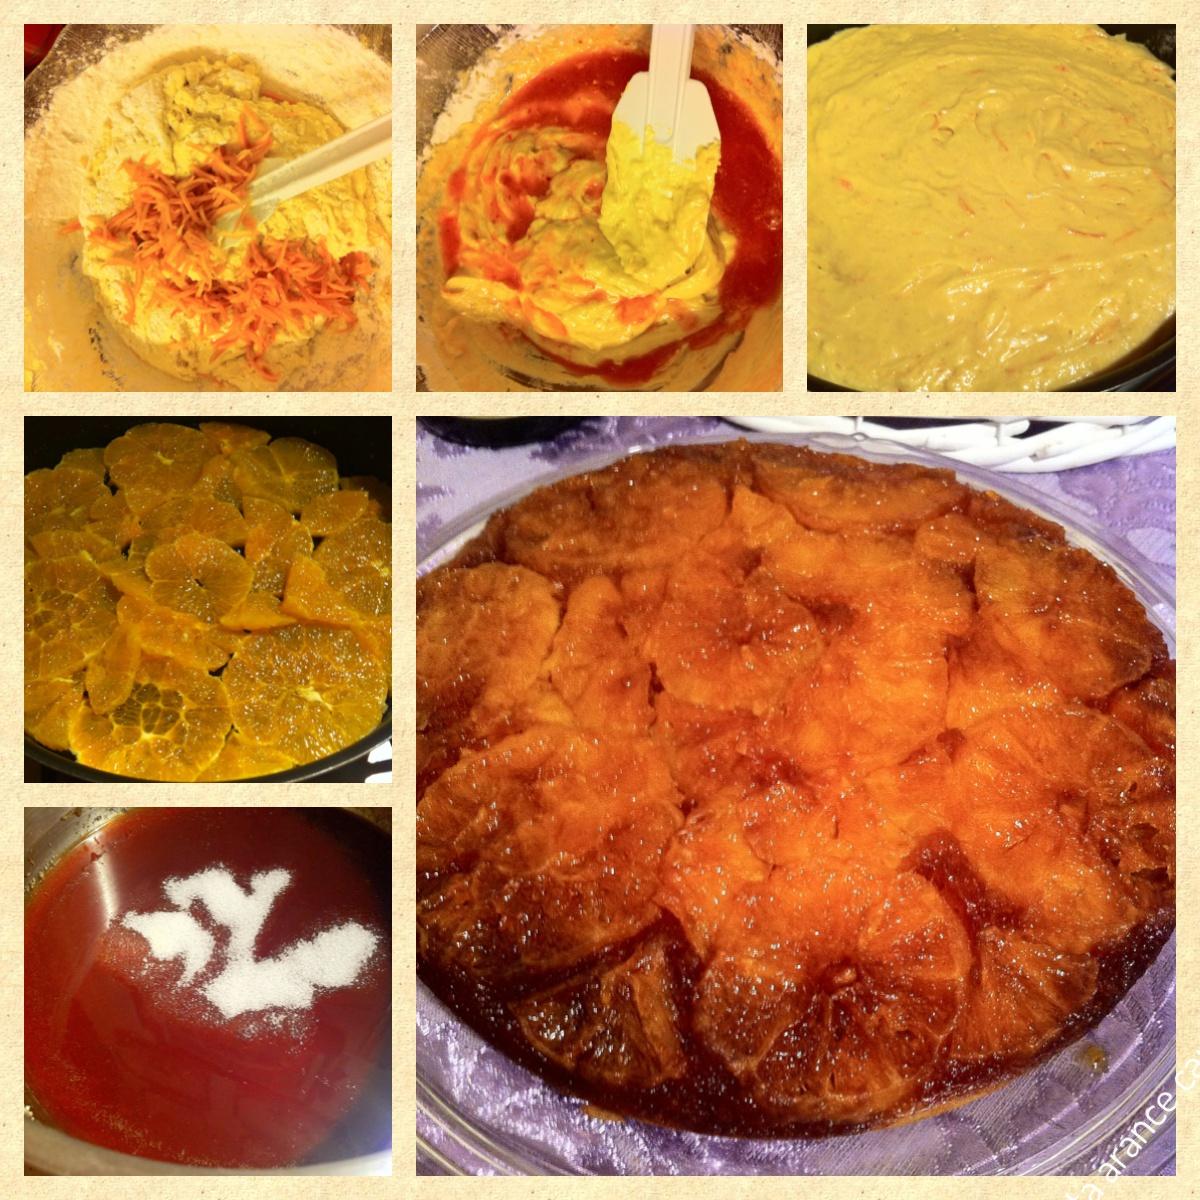 torta-allarancia-caramellata.JPG